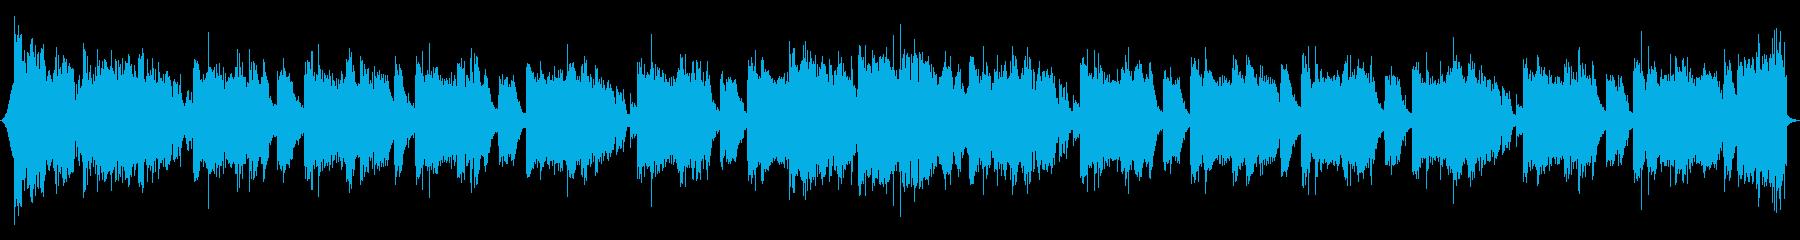 eSportsサイバーロックメロ無30秒の再生済みの波形